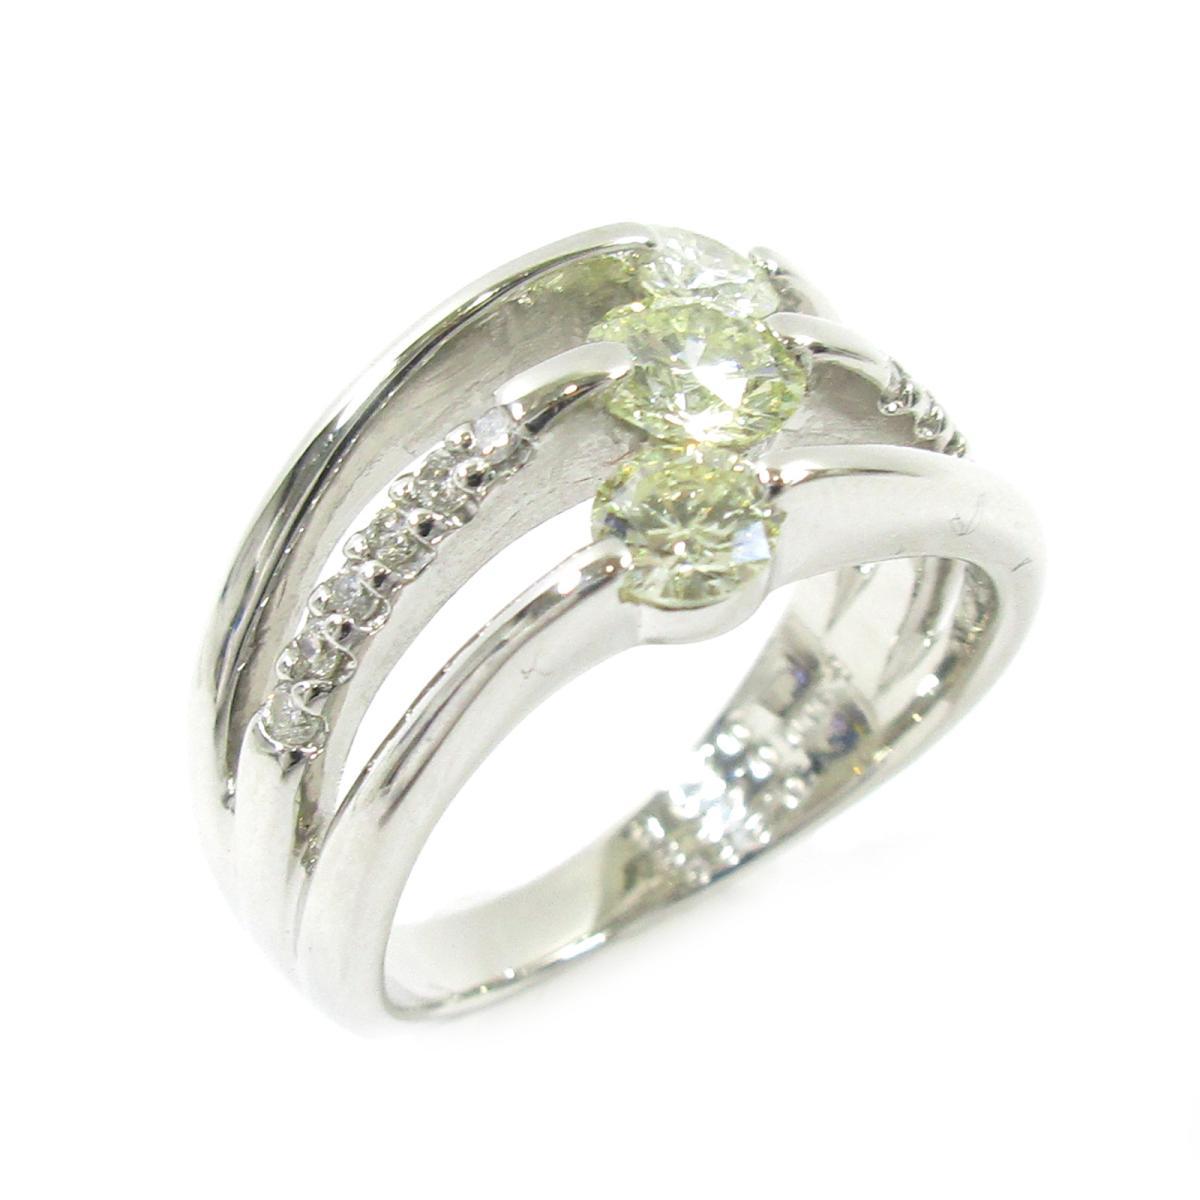 【中古】 ジュエリー ダイヤモンドリング 指輪 レディース PT900 プラチナ X ダイヤモンド0.229ct 0.423ct シルバー クリアー | JEWELRY BRANDOFF ブランドオフ アクセサリー リング